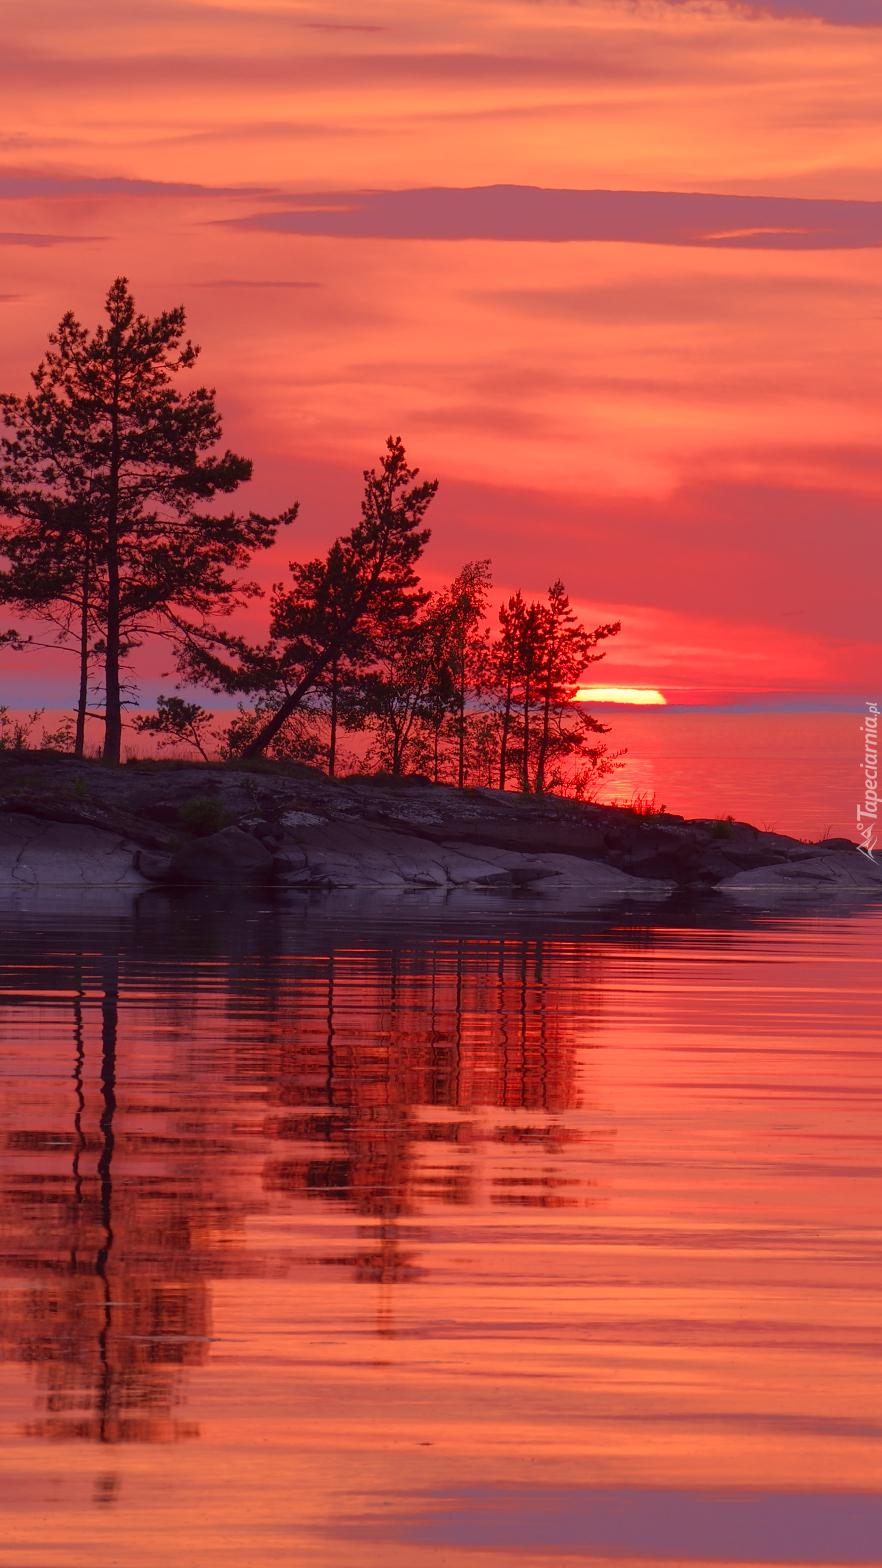 Jezioro Ładoga pod czerwonym niebem